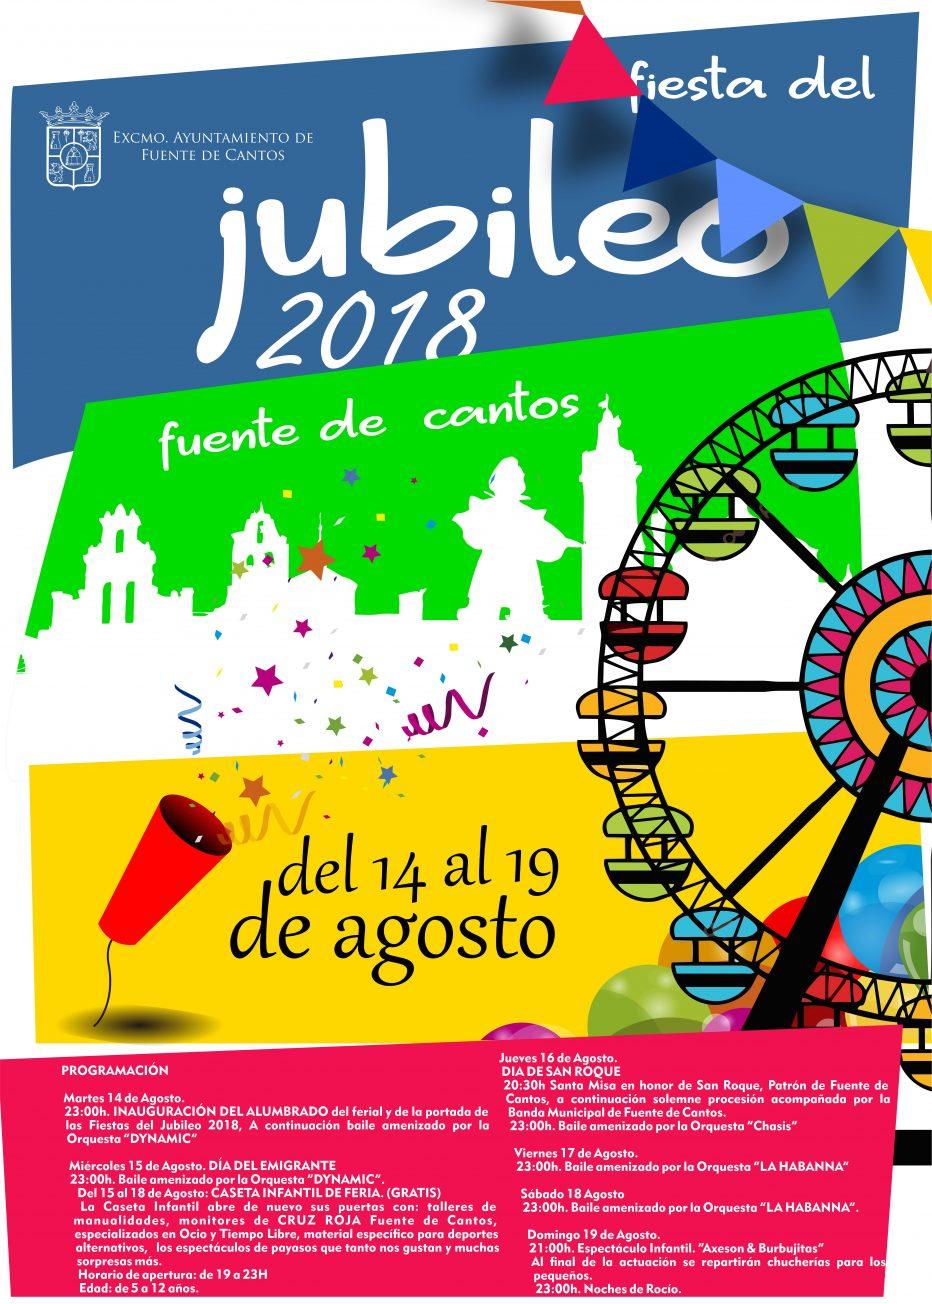 Feria de AGOSTO. Fiesta del JUBILEO